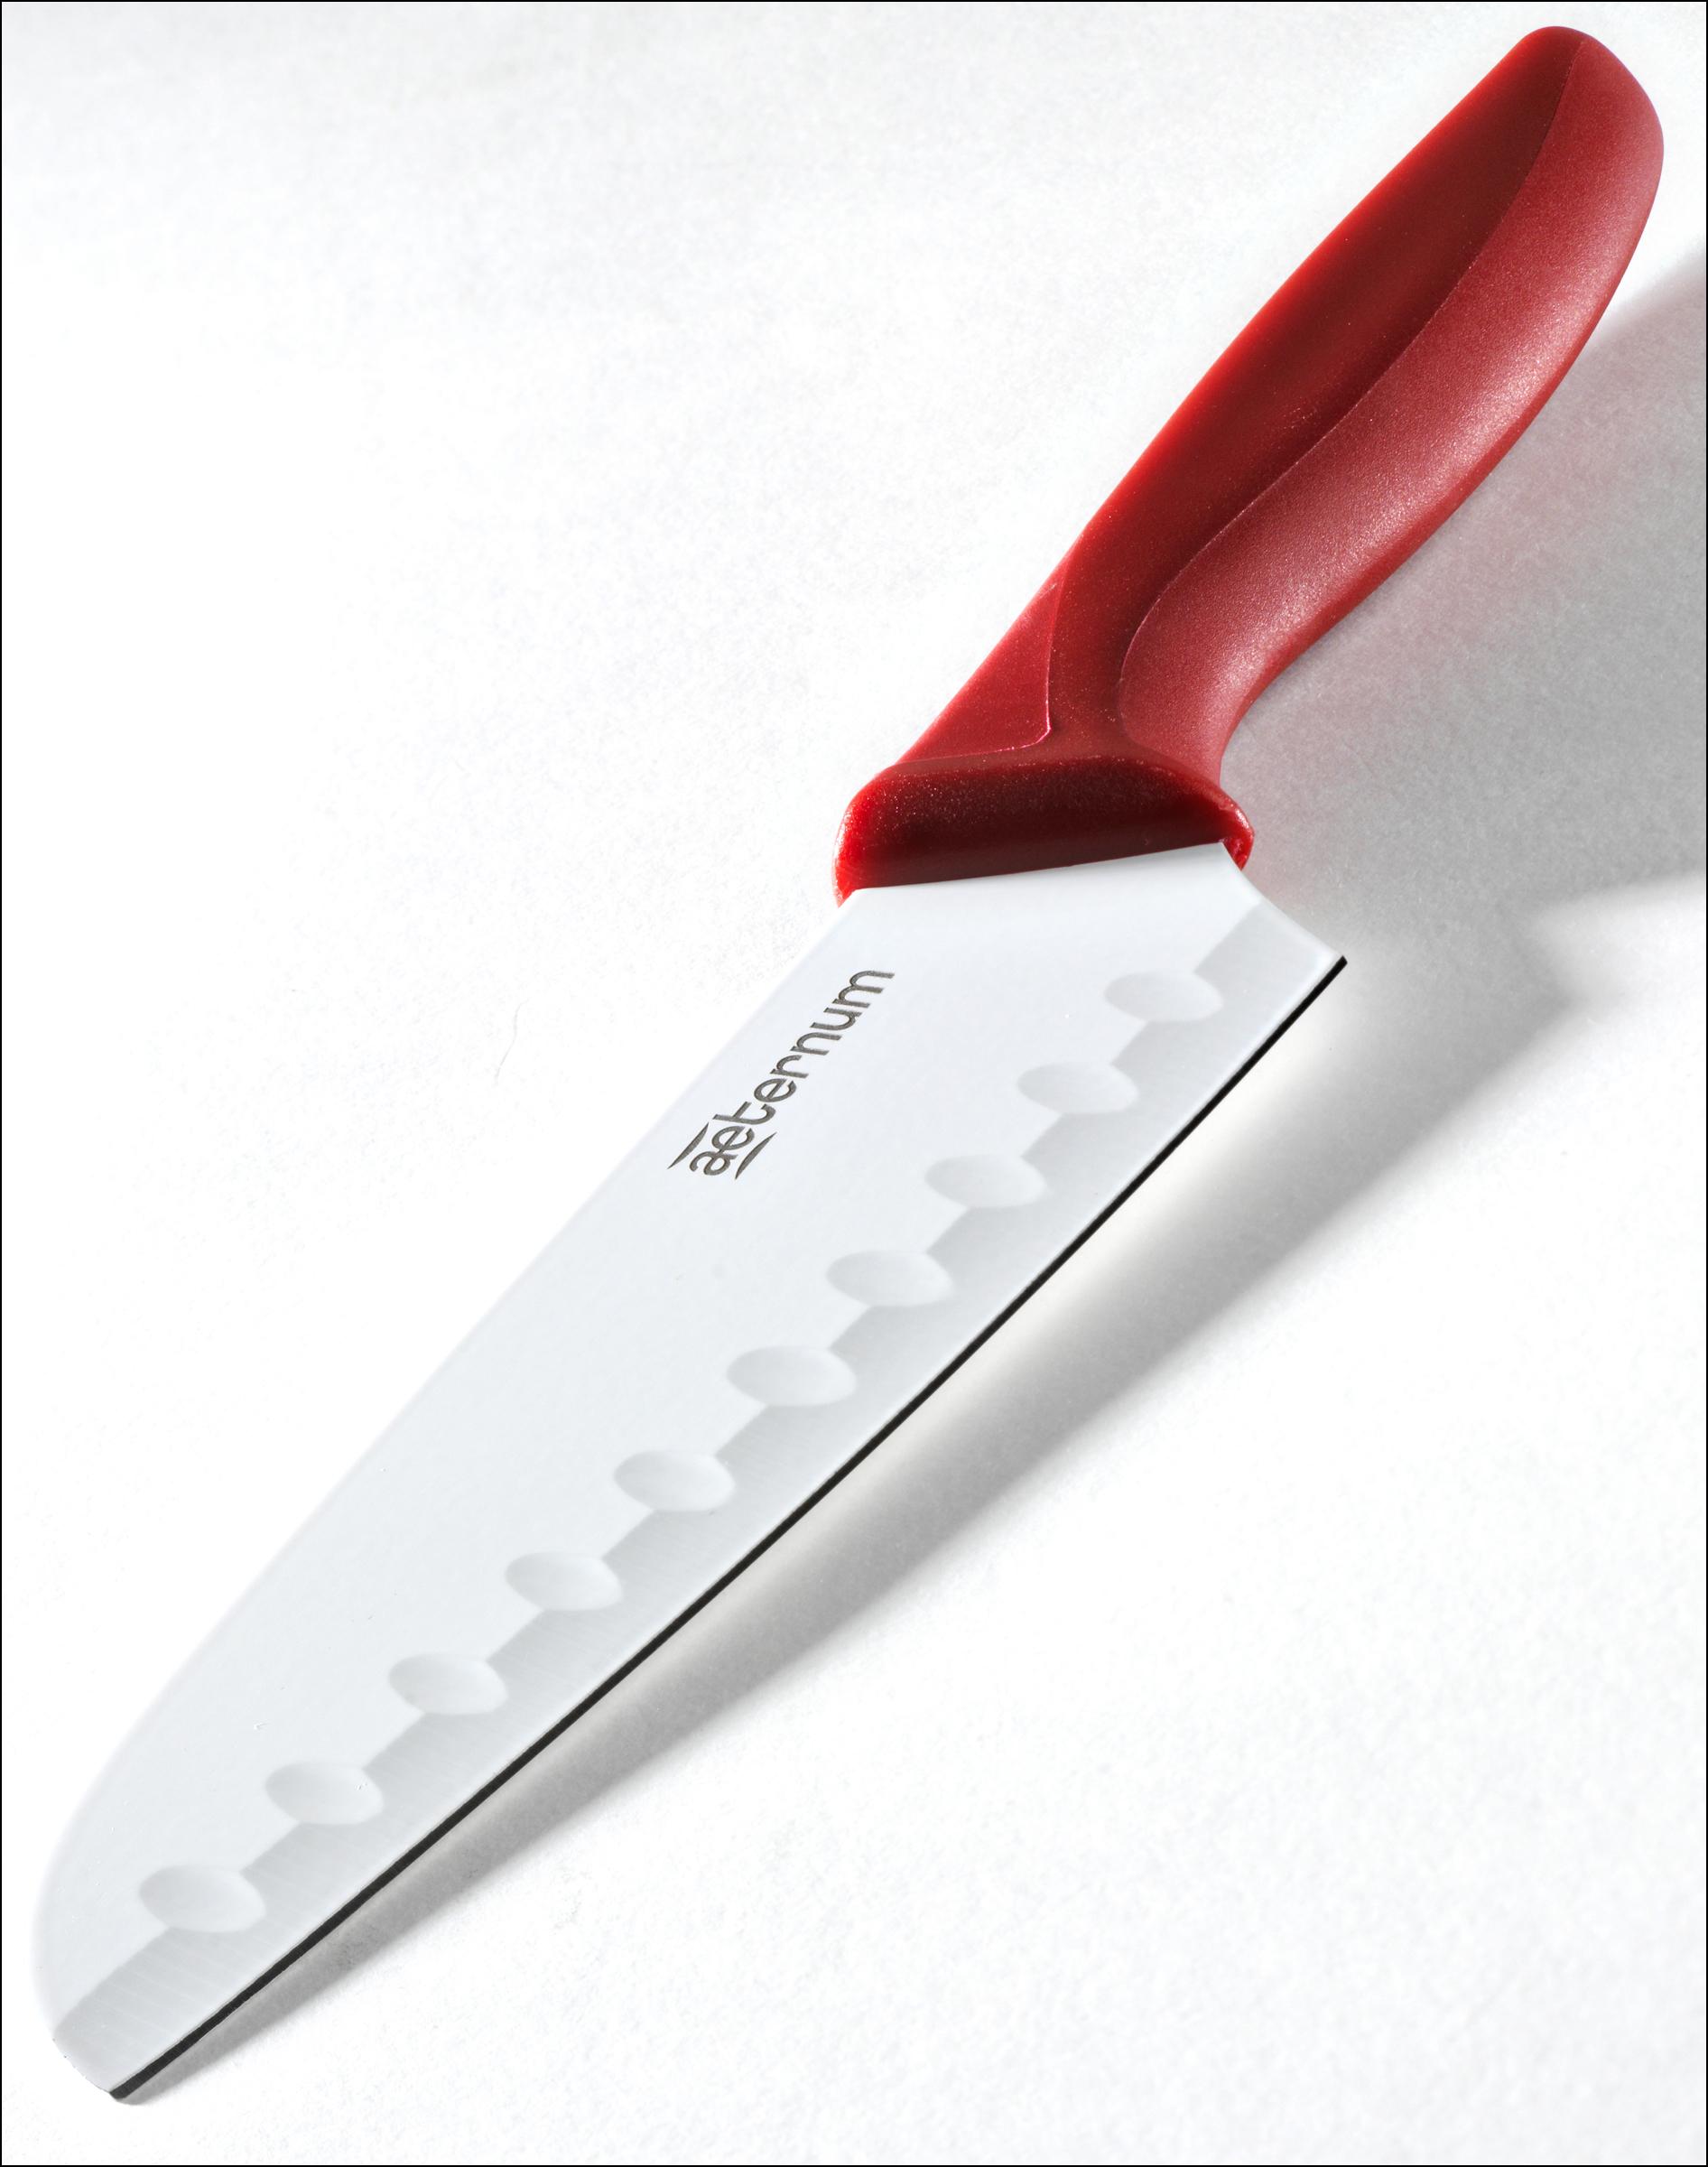 Ryan Beck 07087 Bialetti Santoku Knife Beauty 1.jpg